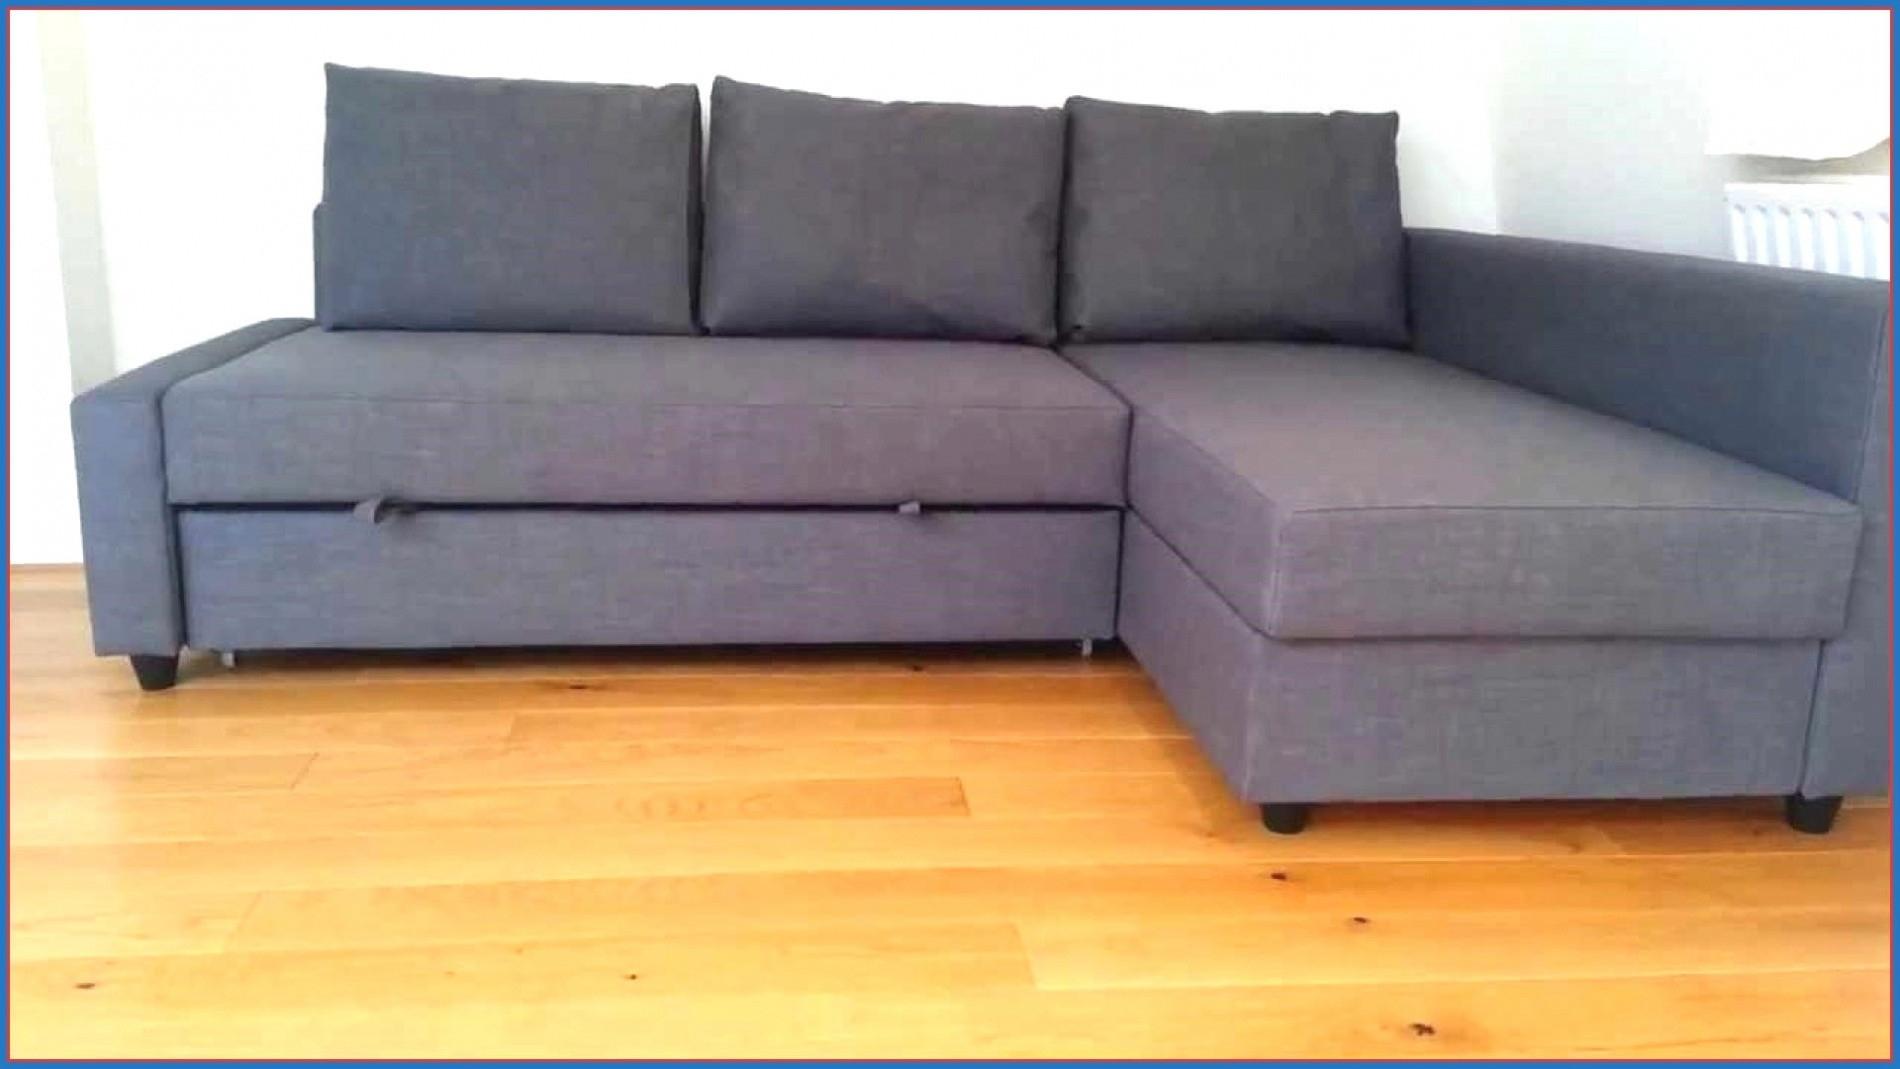 Canapé Convertible Pas Cher Ikea Beau Photographie La Charmant Choisir Un Canapé Conception  Perfectionner La G Te